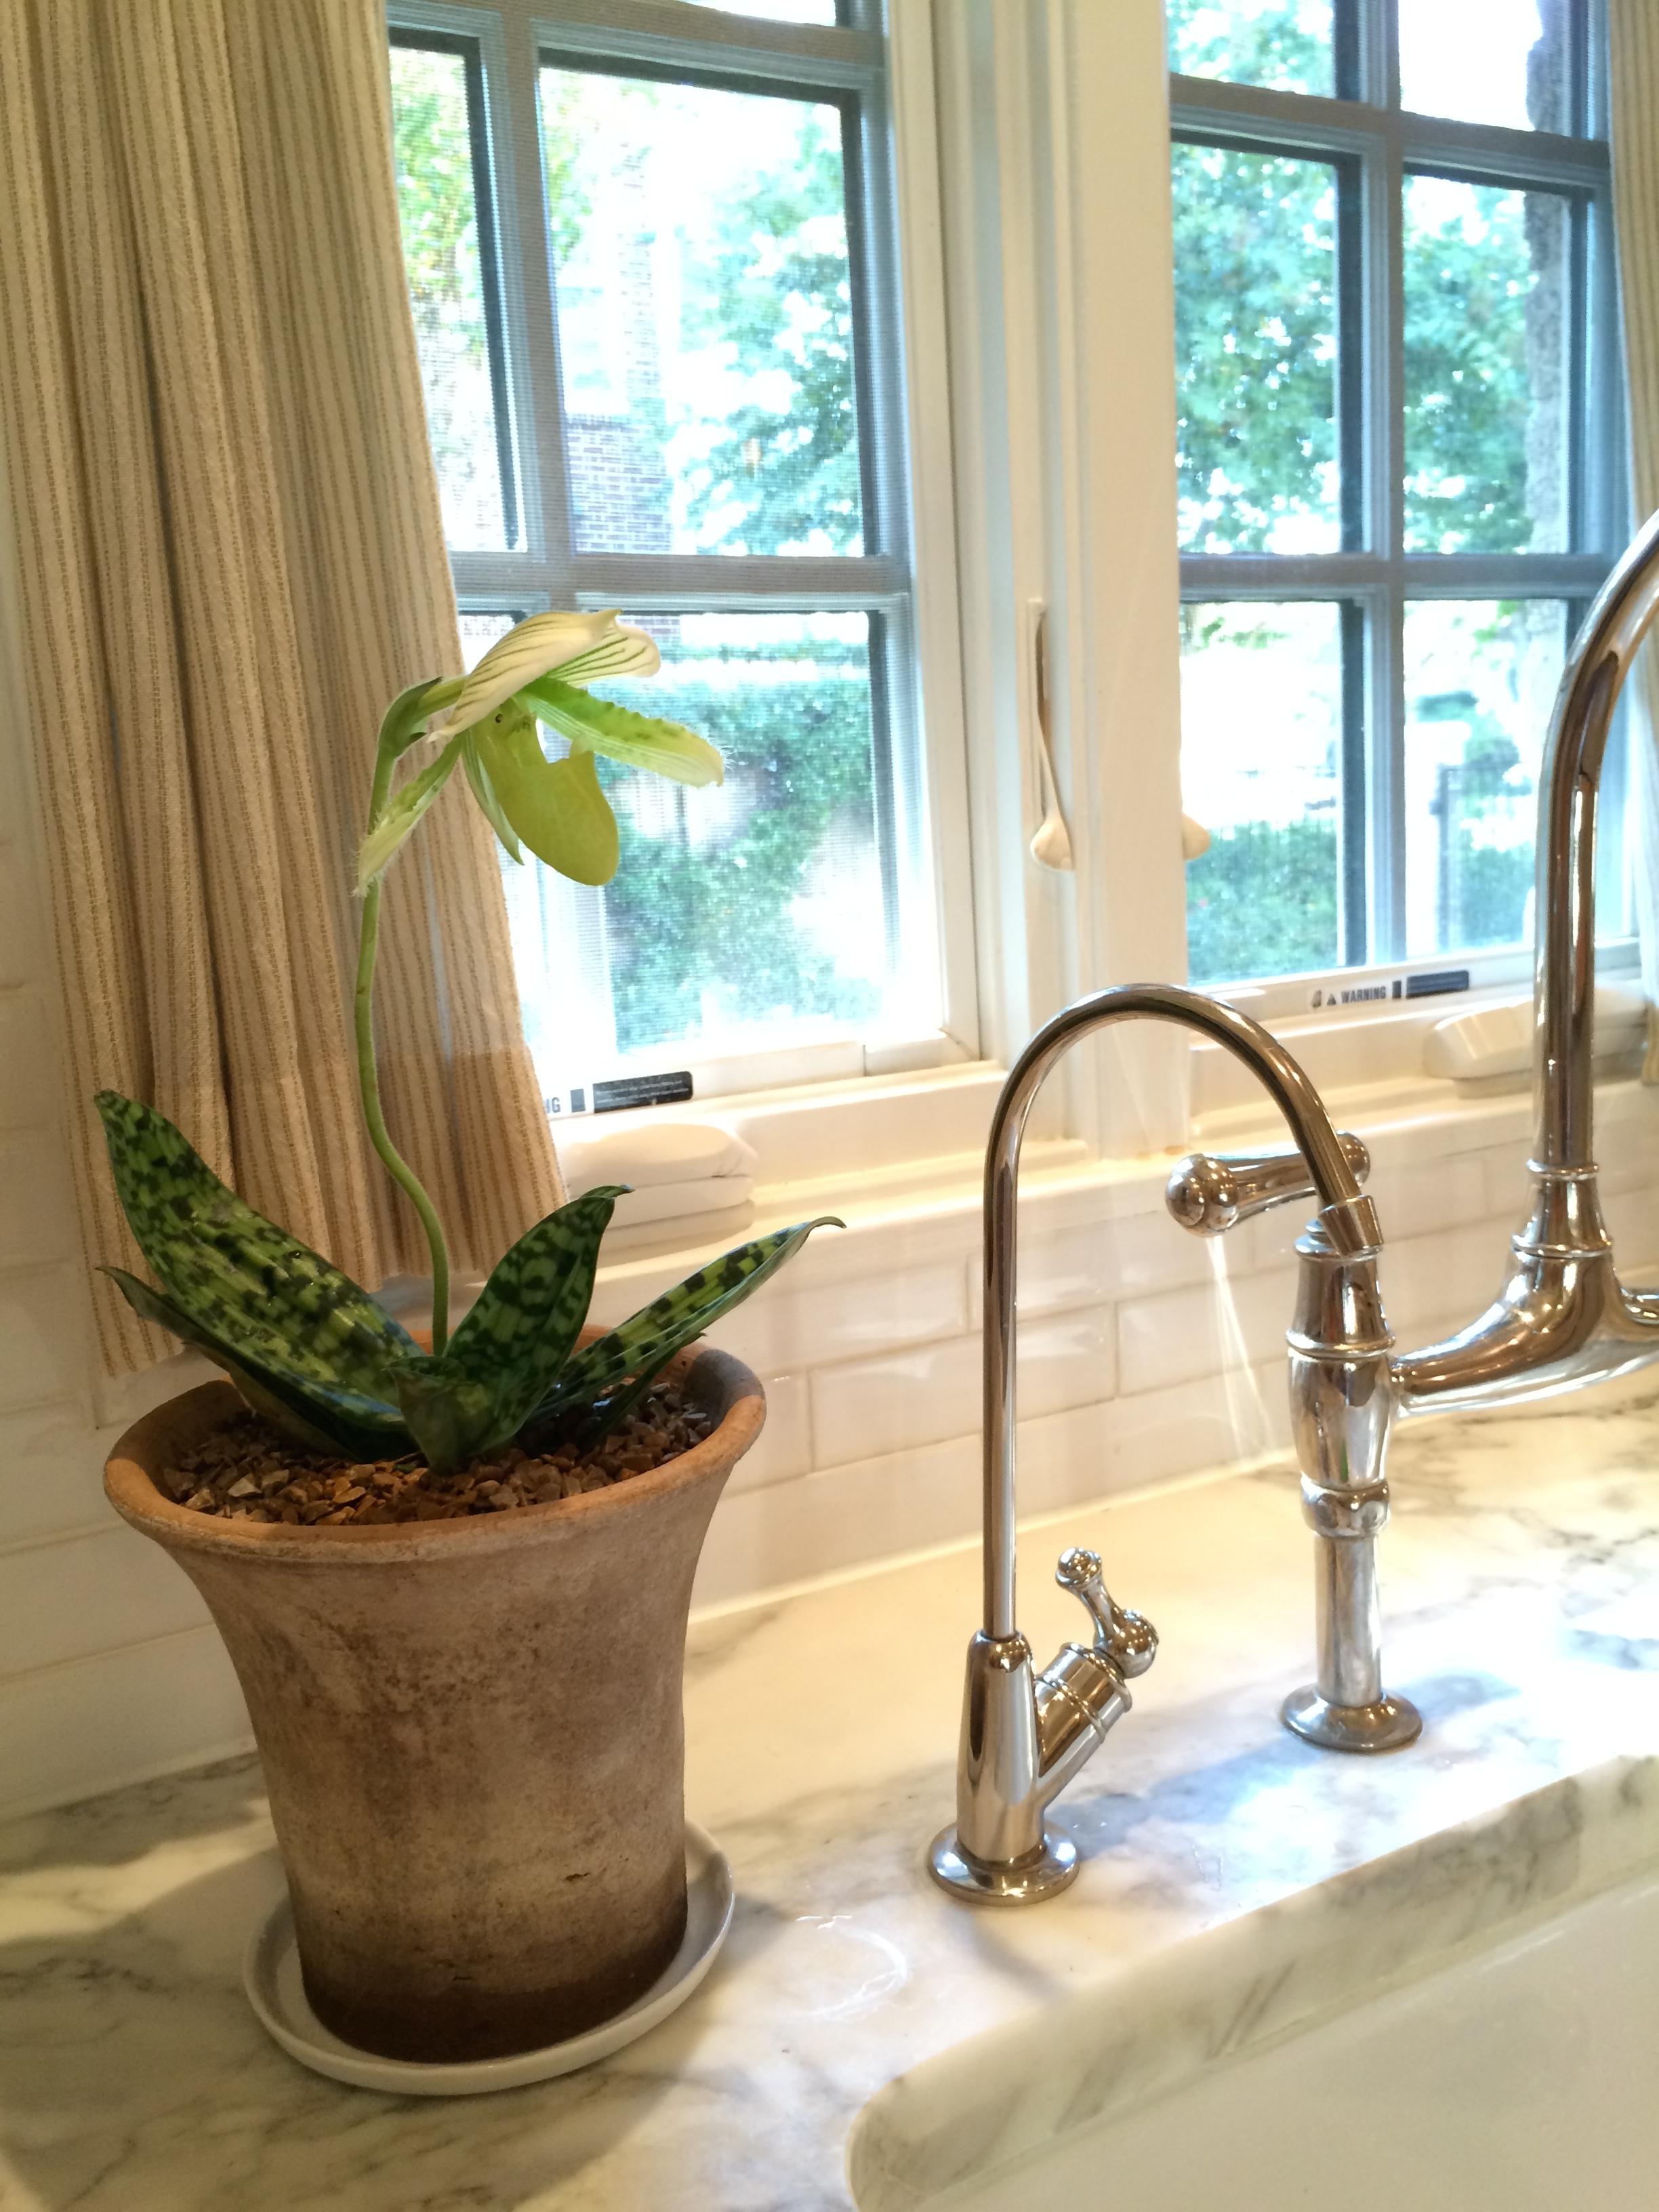 Custom orchid plants glenwood weber design houston tx for Orchid decor